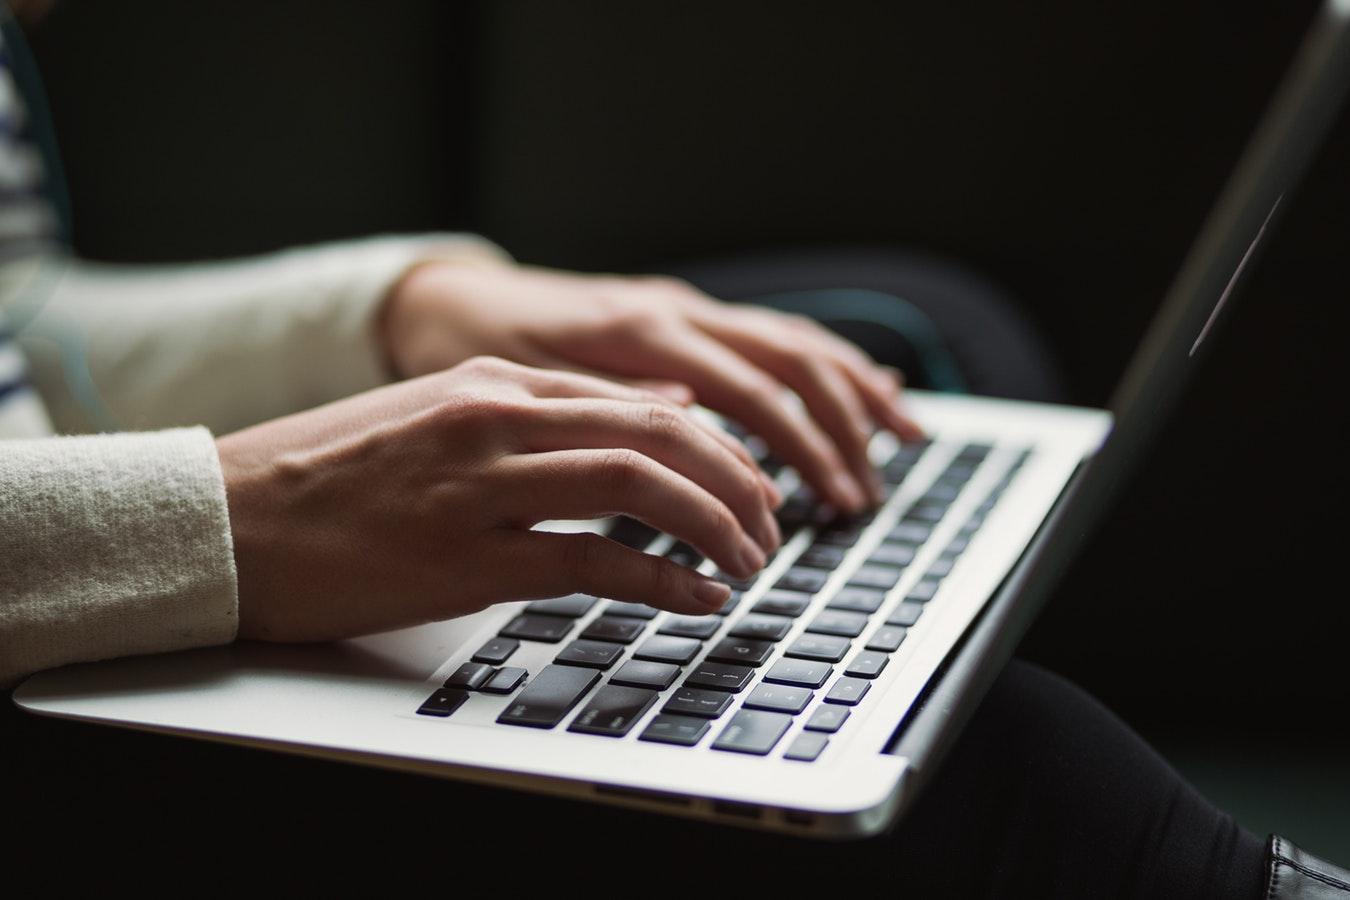 Contenus sexistes et violents: Féministes contre le cyberharcèlement réclamedes mesures efficaces